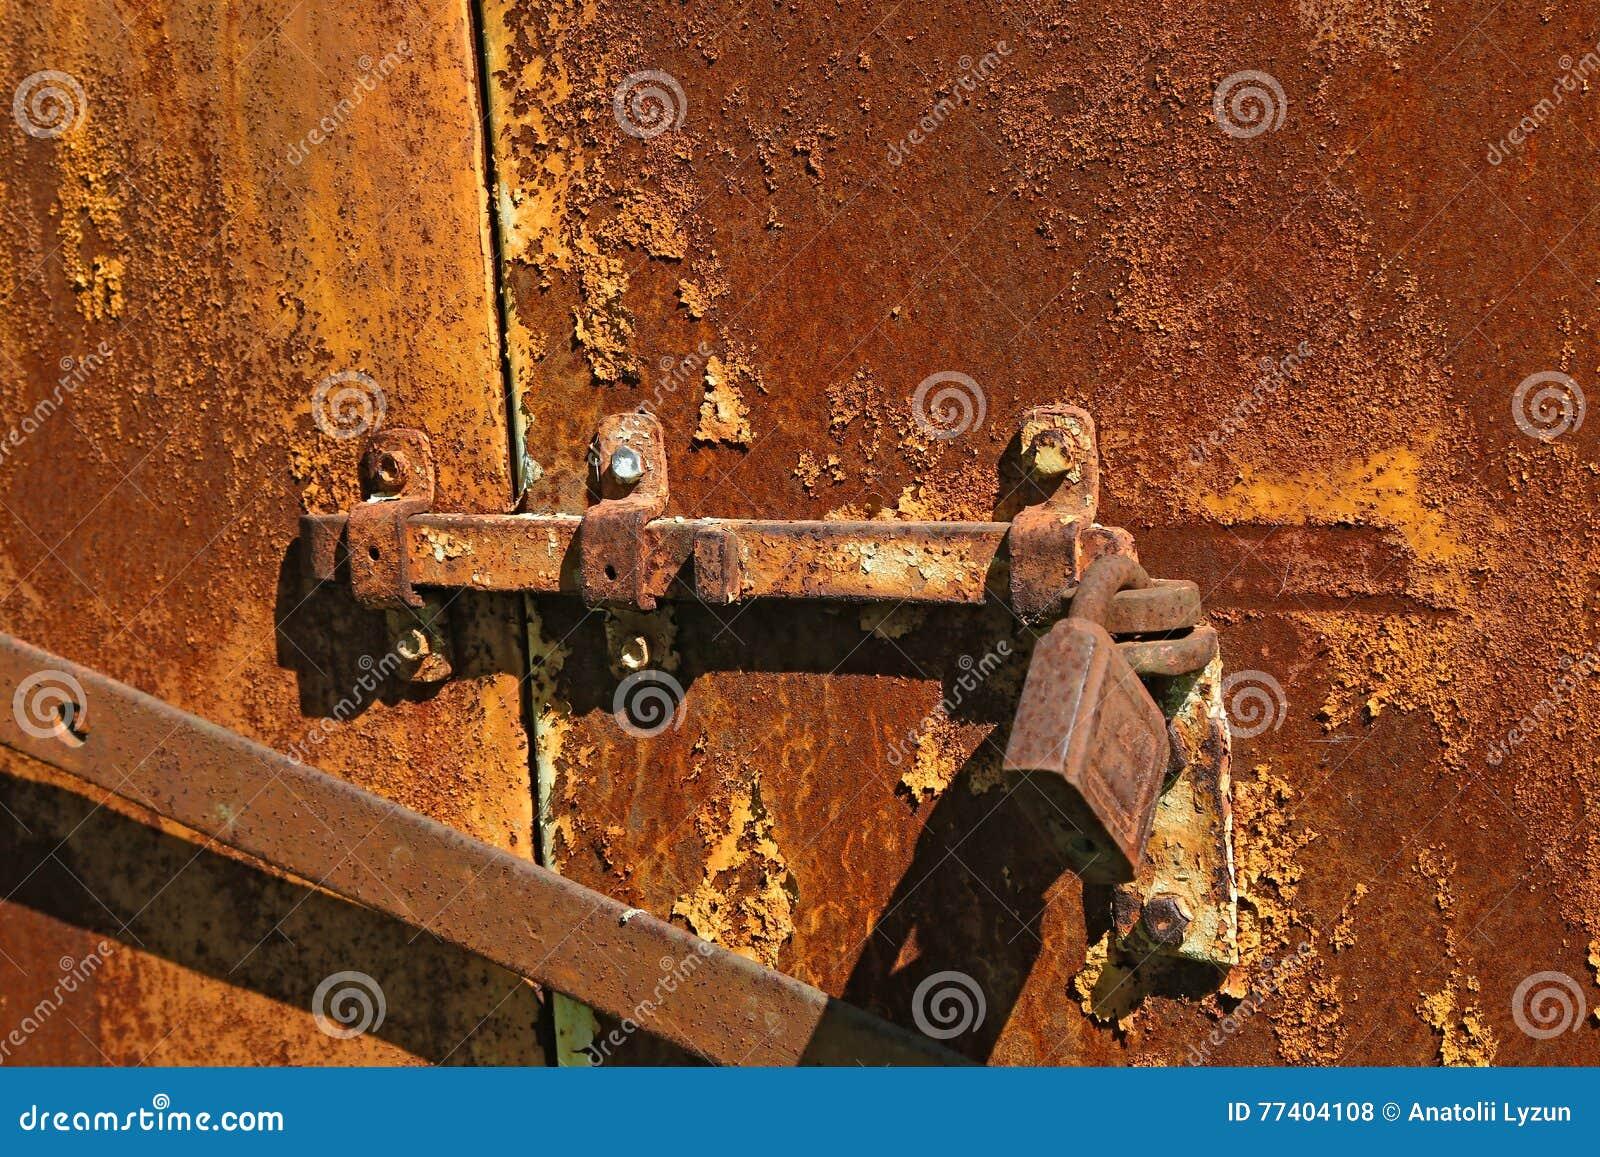 Старый ржавый болт с замком на железном стробе